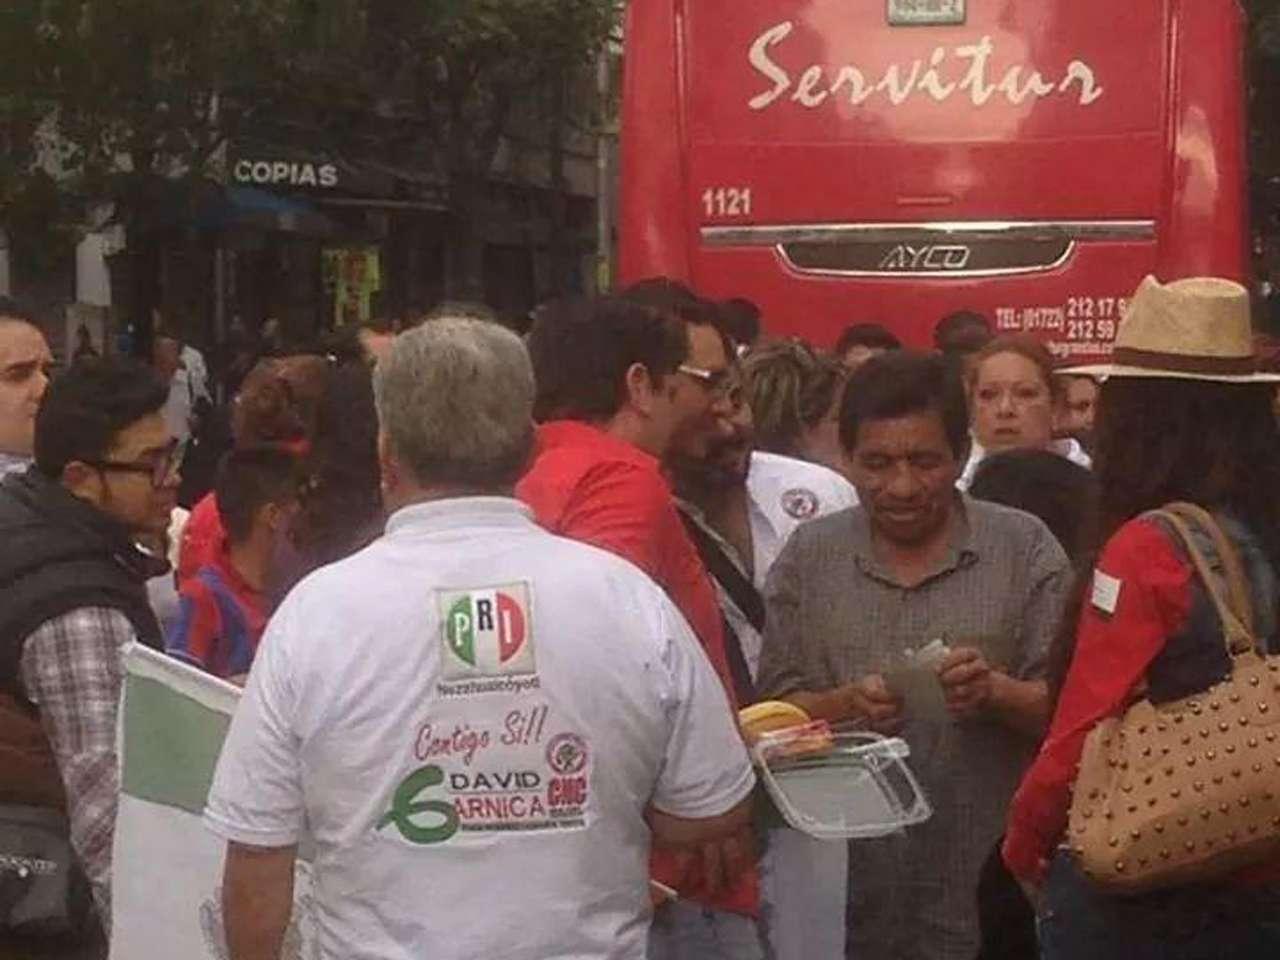 Logos del PRI se pueden apreciar en banderas, sombreros y camisas de los asistentes Foto: Imagen tomada de Twitter/@josevasquez153